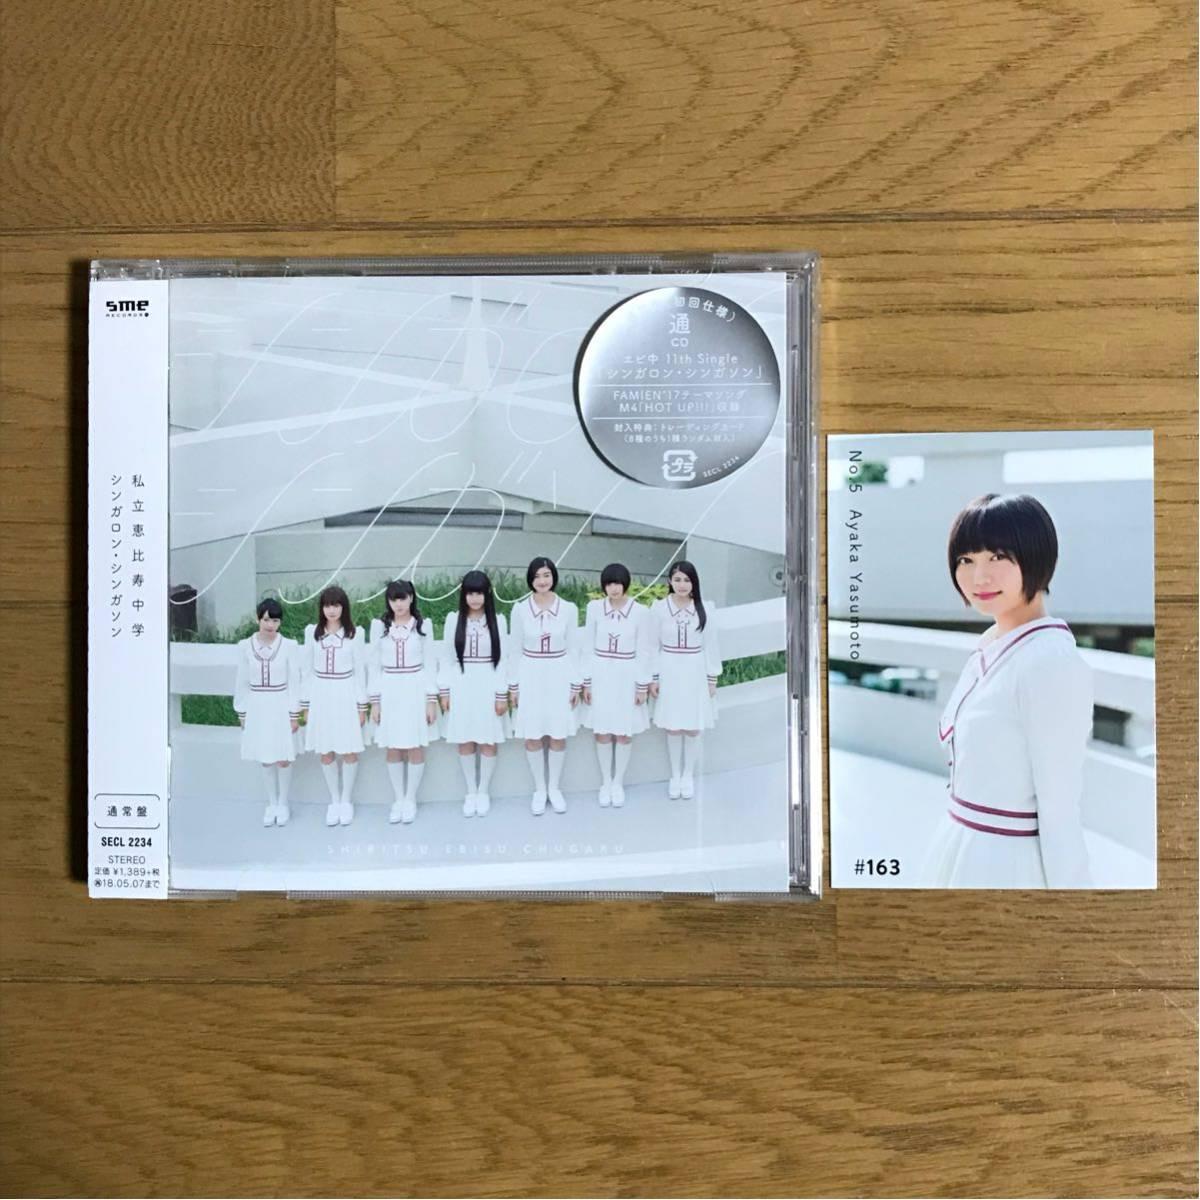 私立恵比寿中学 シンガロン・シンガソン 通常盤 CD 安本彩花 トレカ エビ中 Mrs. GREEN APPLE